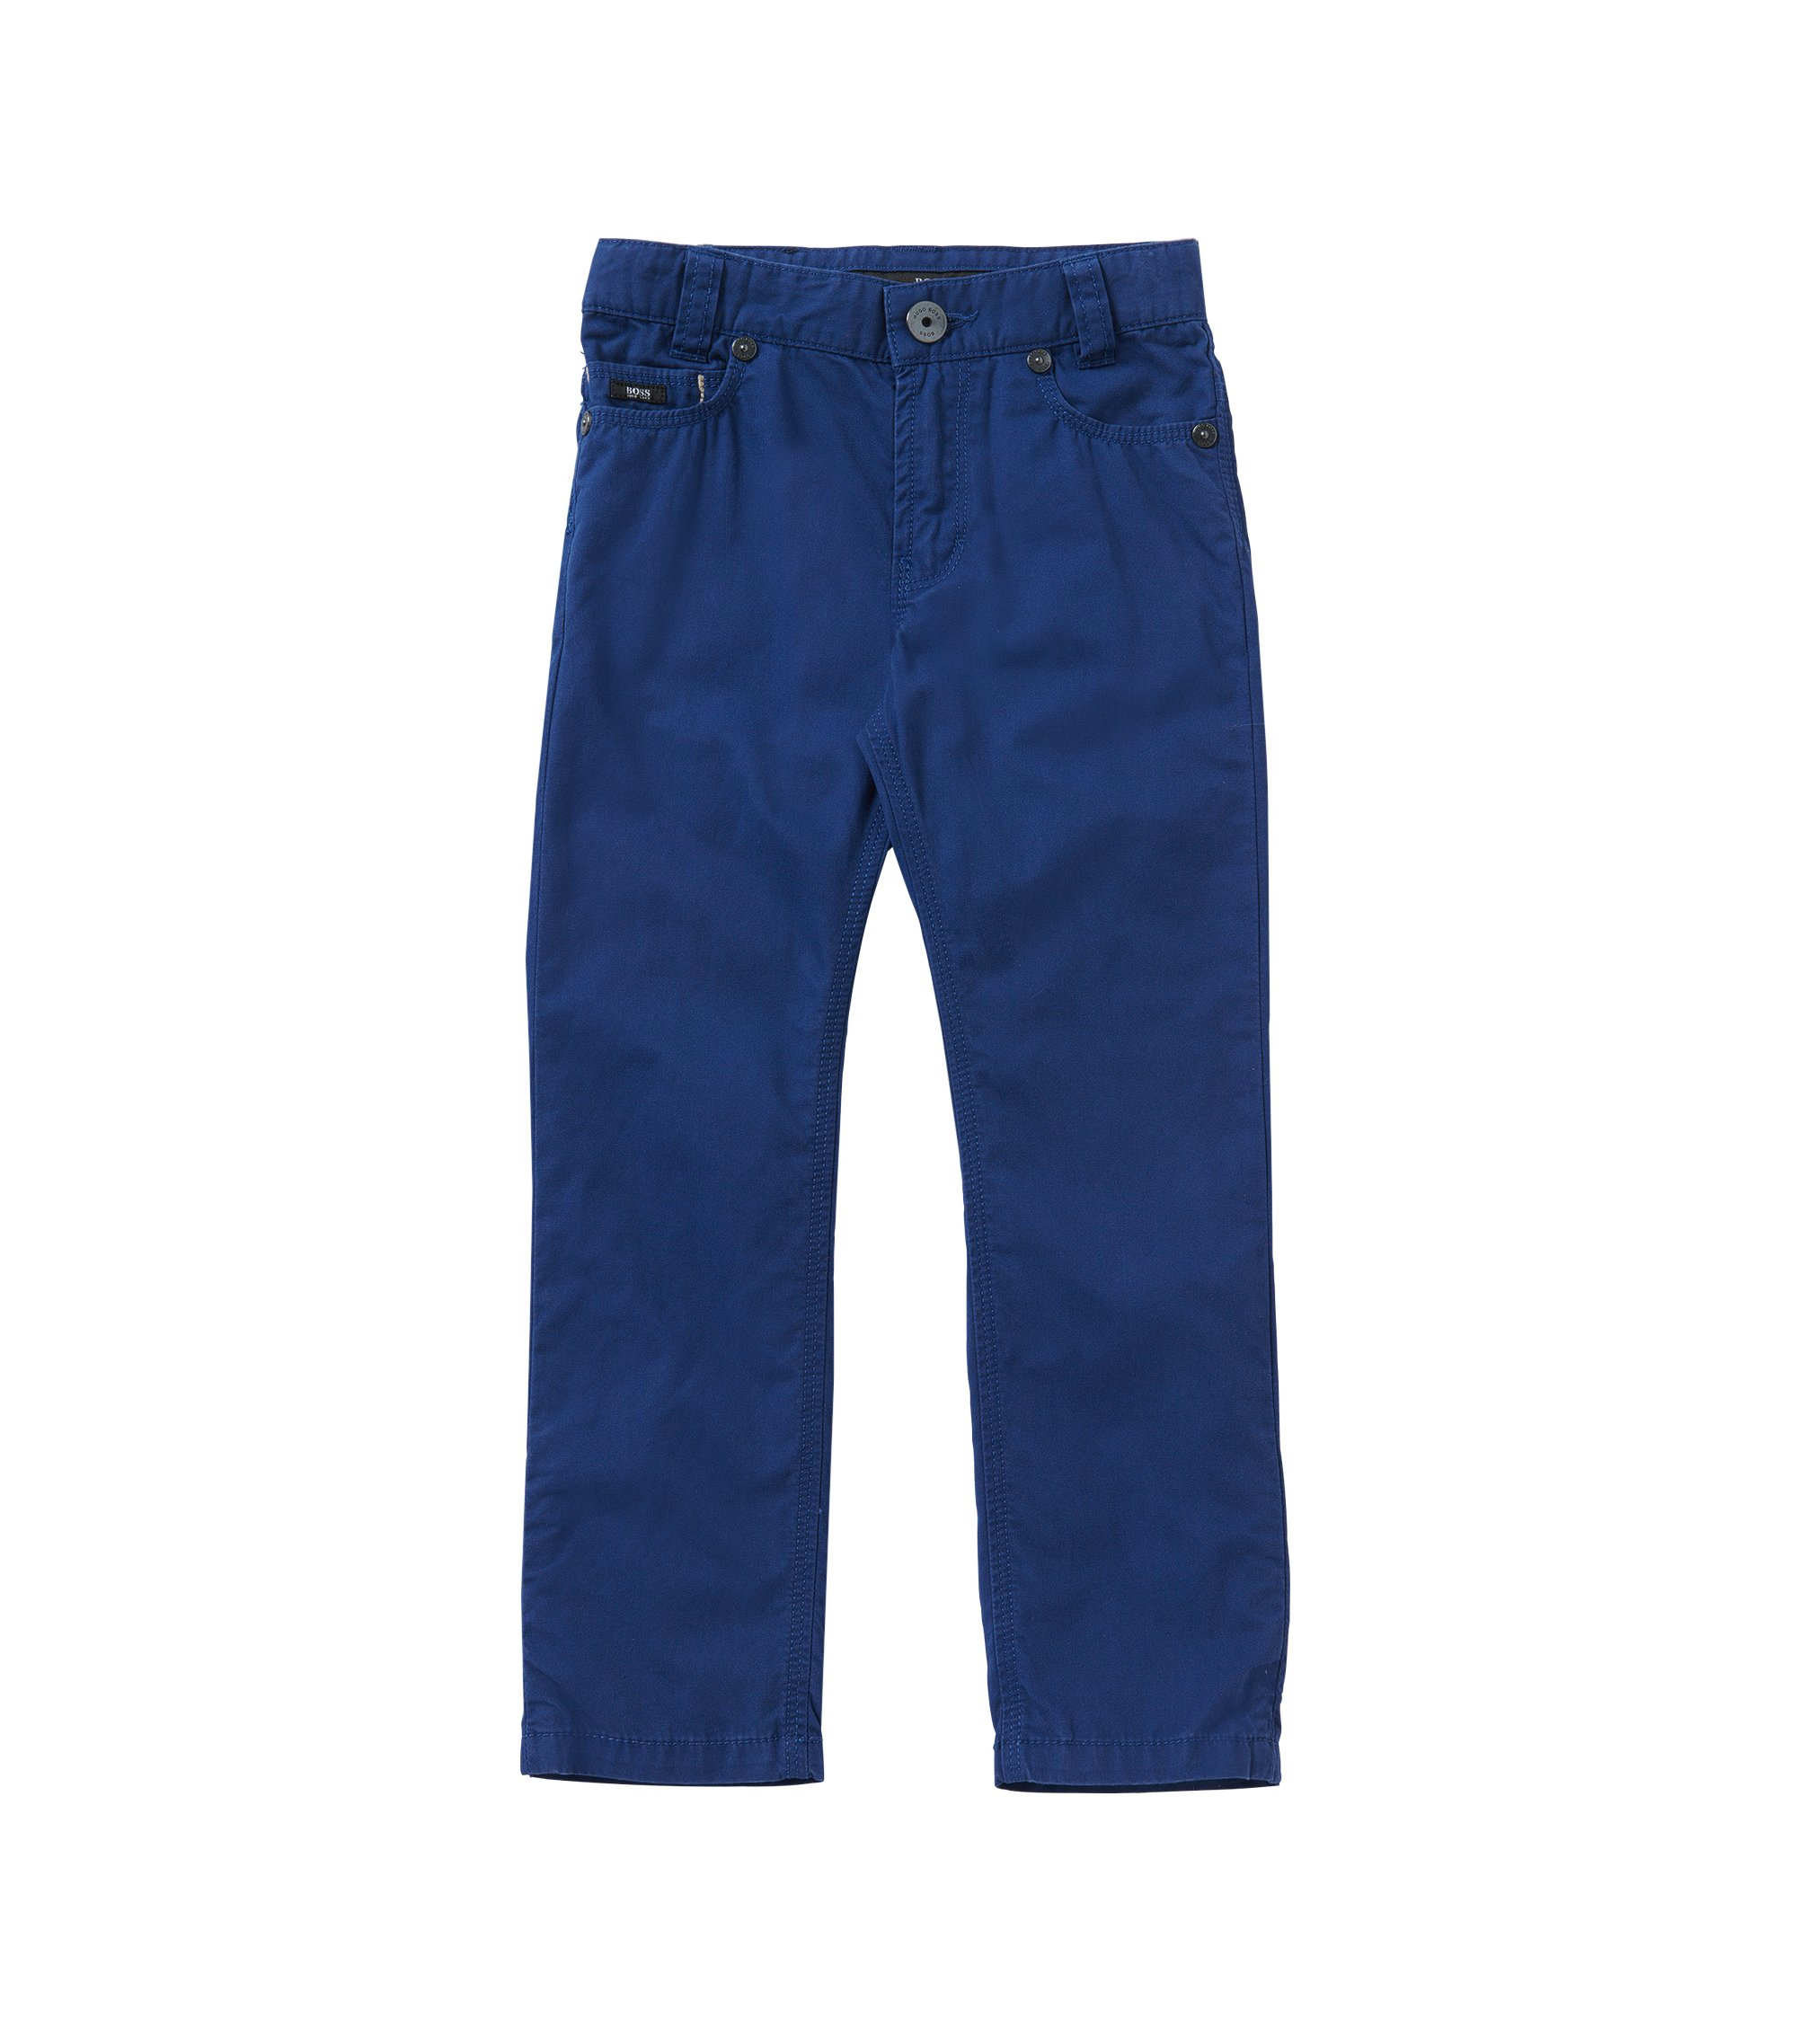 Unifarbene Slim-Fit Kids-Hose aus Baumwolle: 'J24393', Dunkelblau